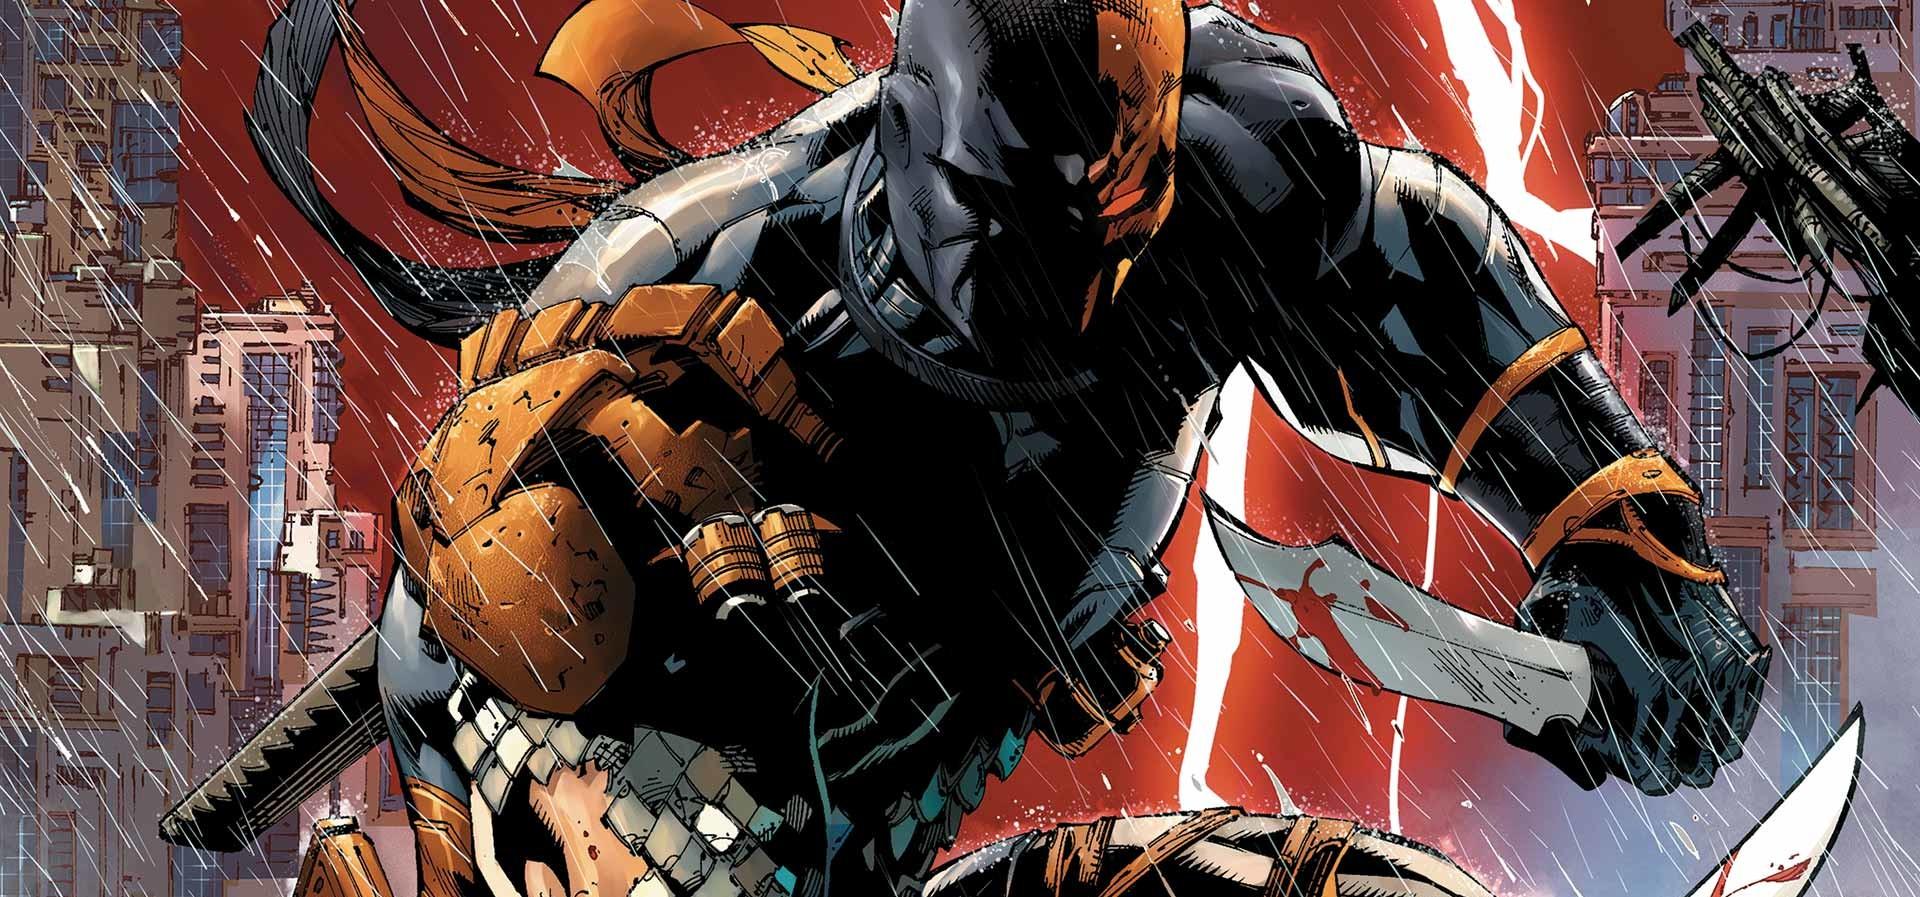 Joe Manganiello is Deathstroke In Affleck's 'Batman' Solo Film